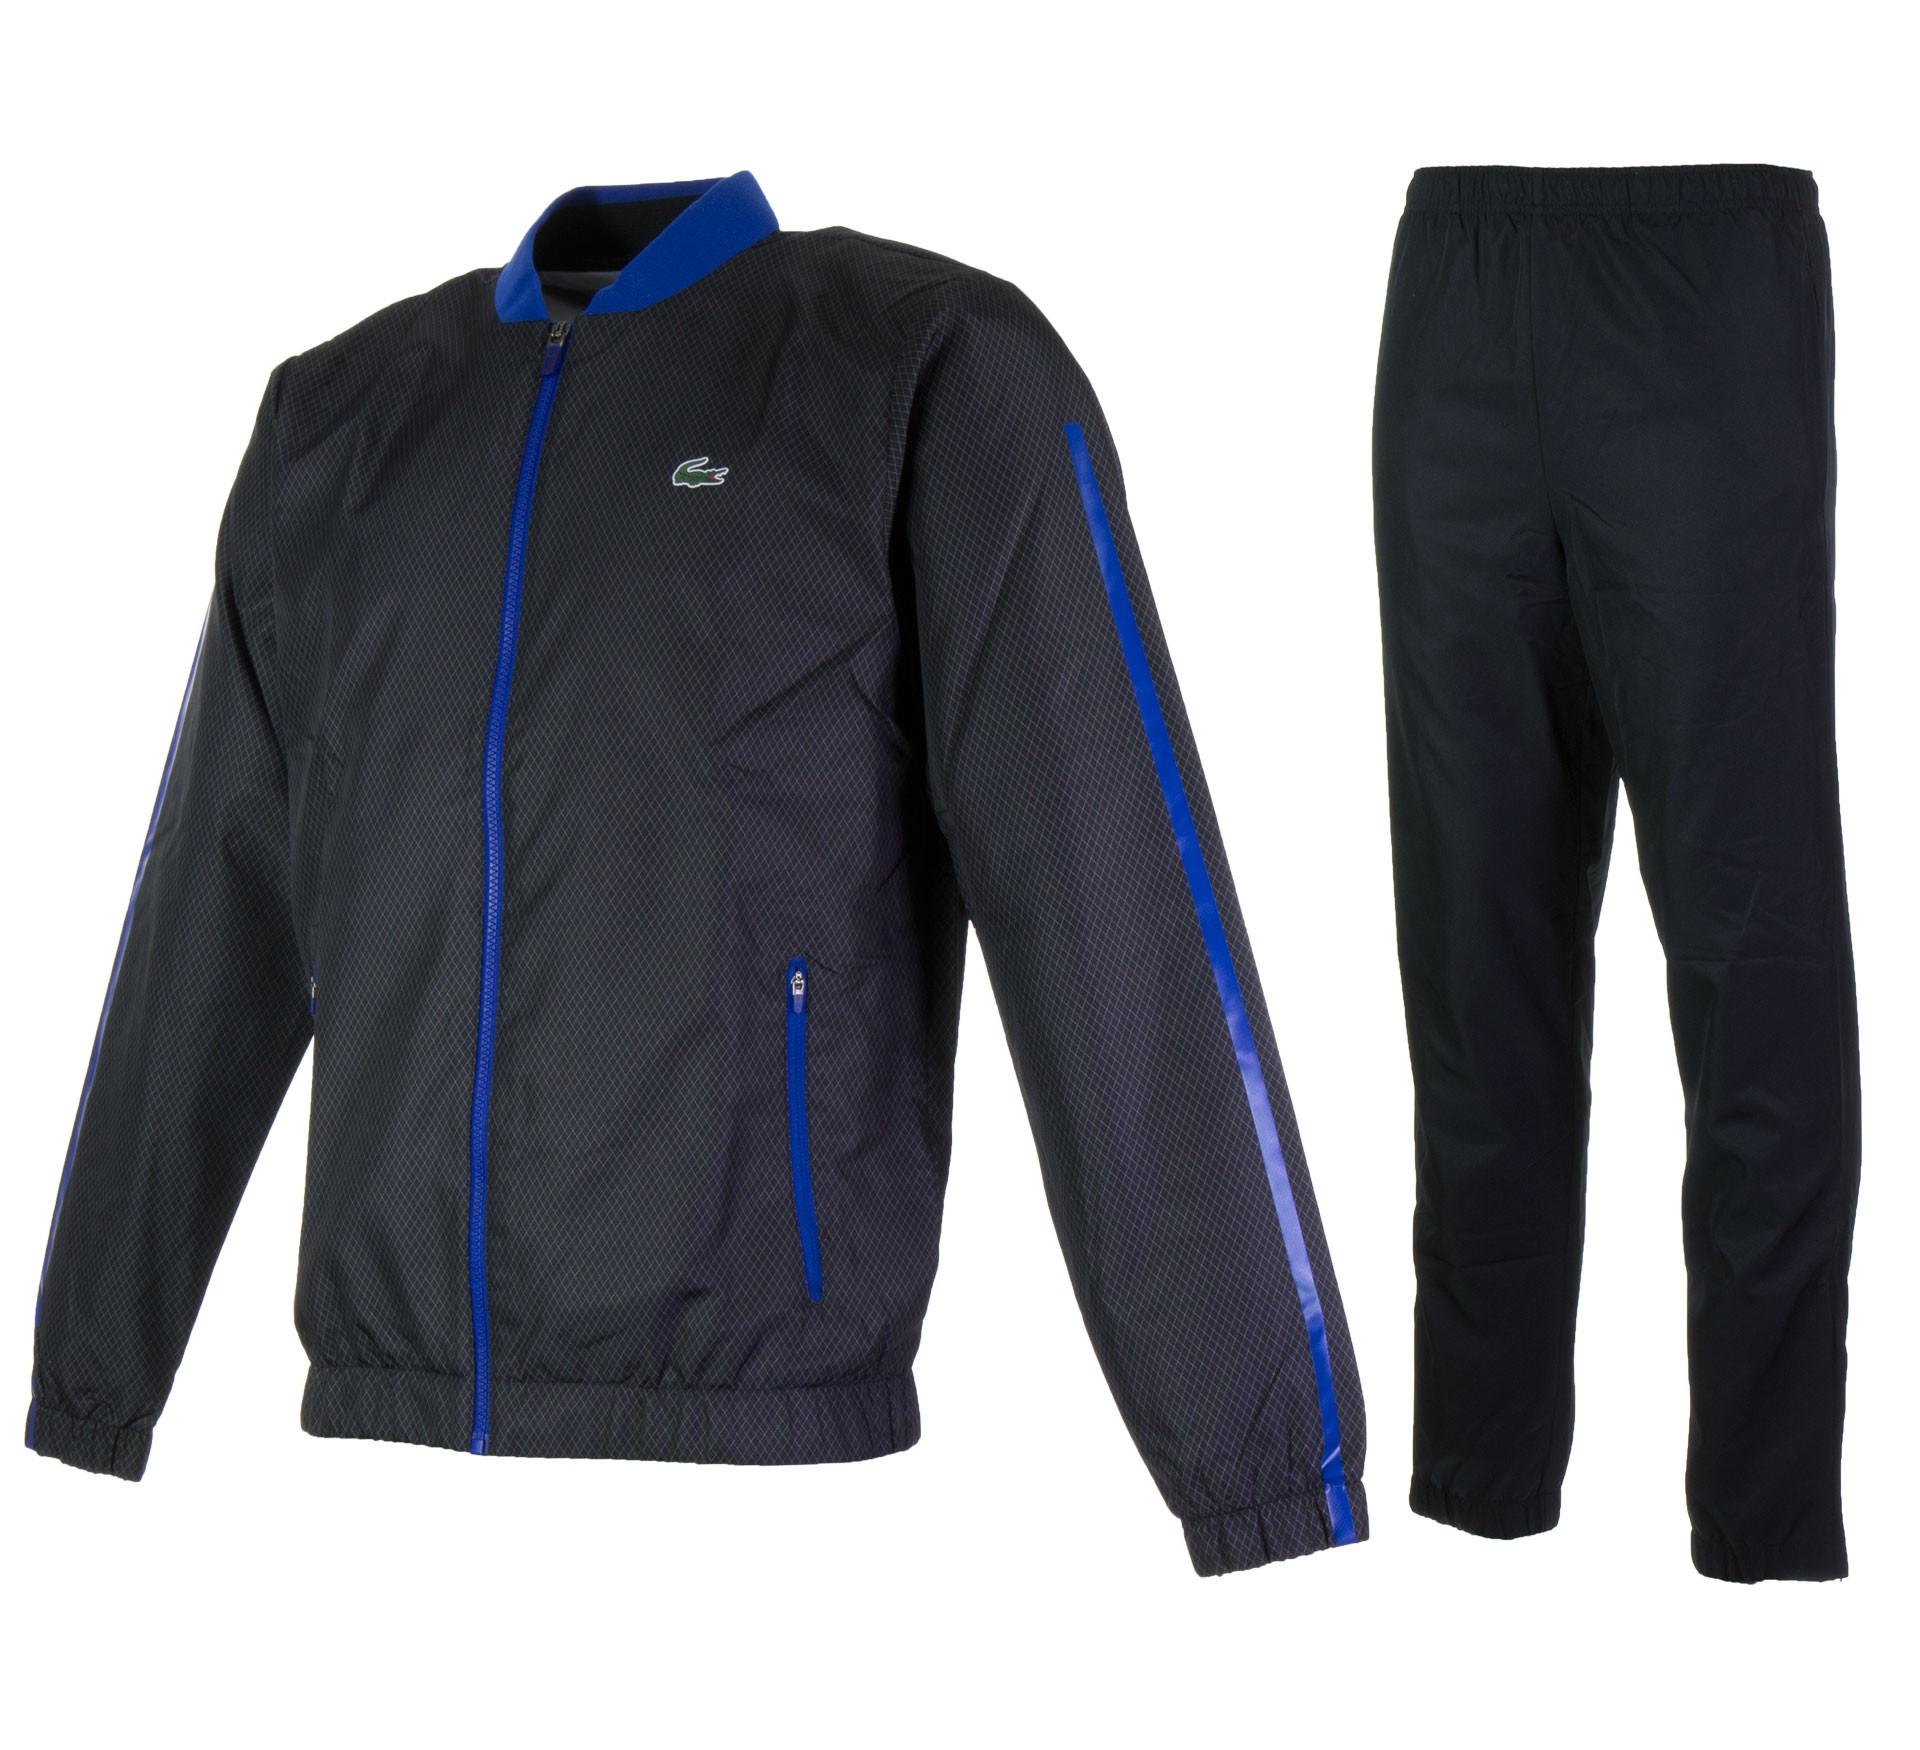 Survêtement Homme Lacoste Sport (Taille XS)